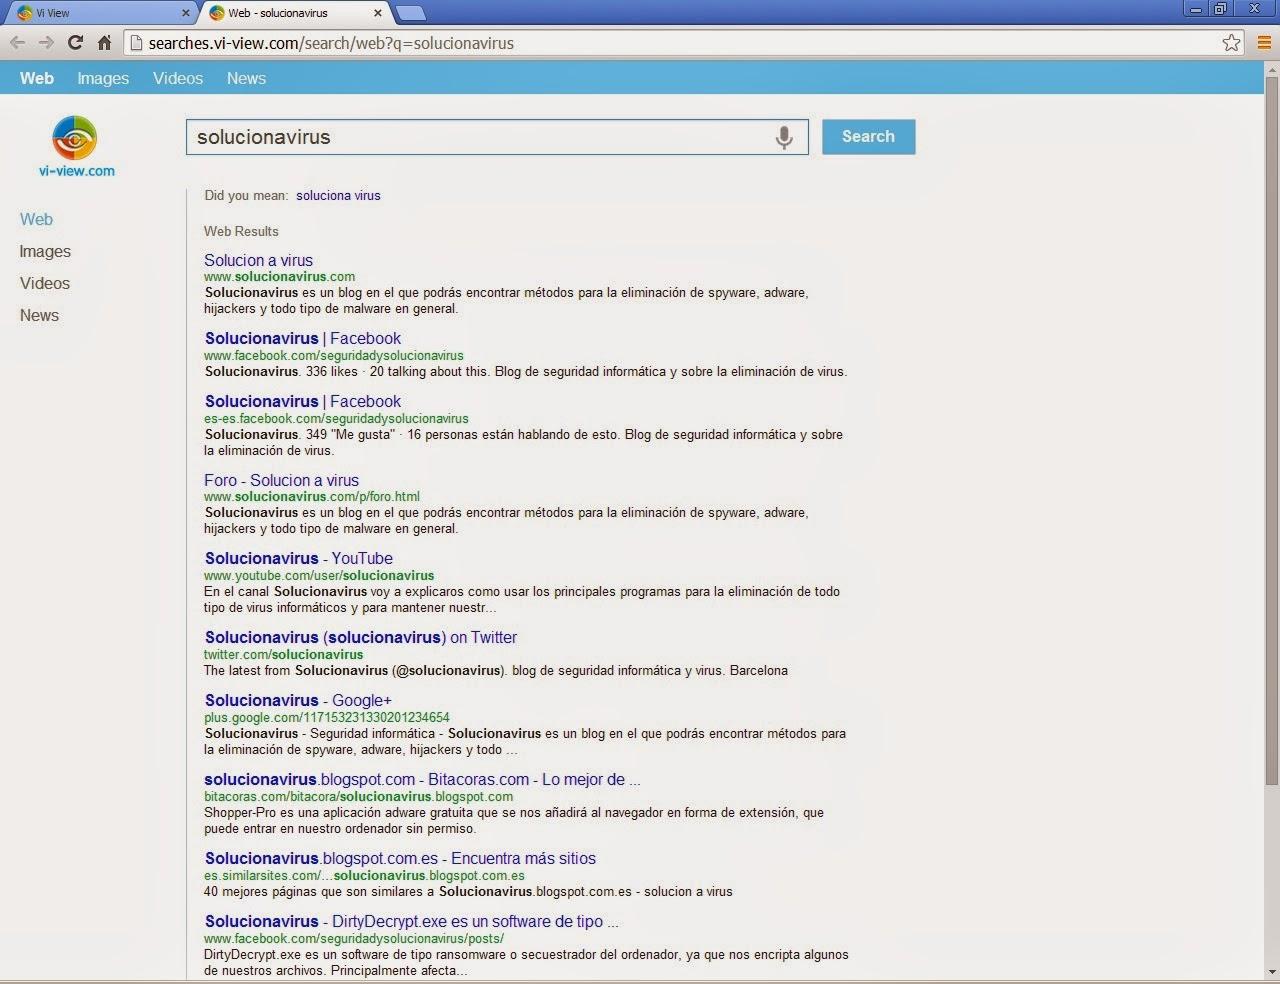 Resultados de búsqueda Mystart.vi-view.com